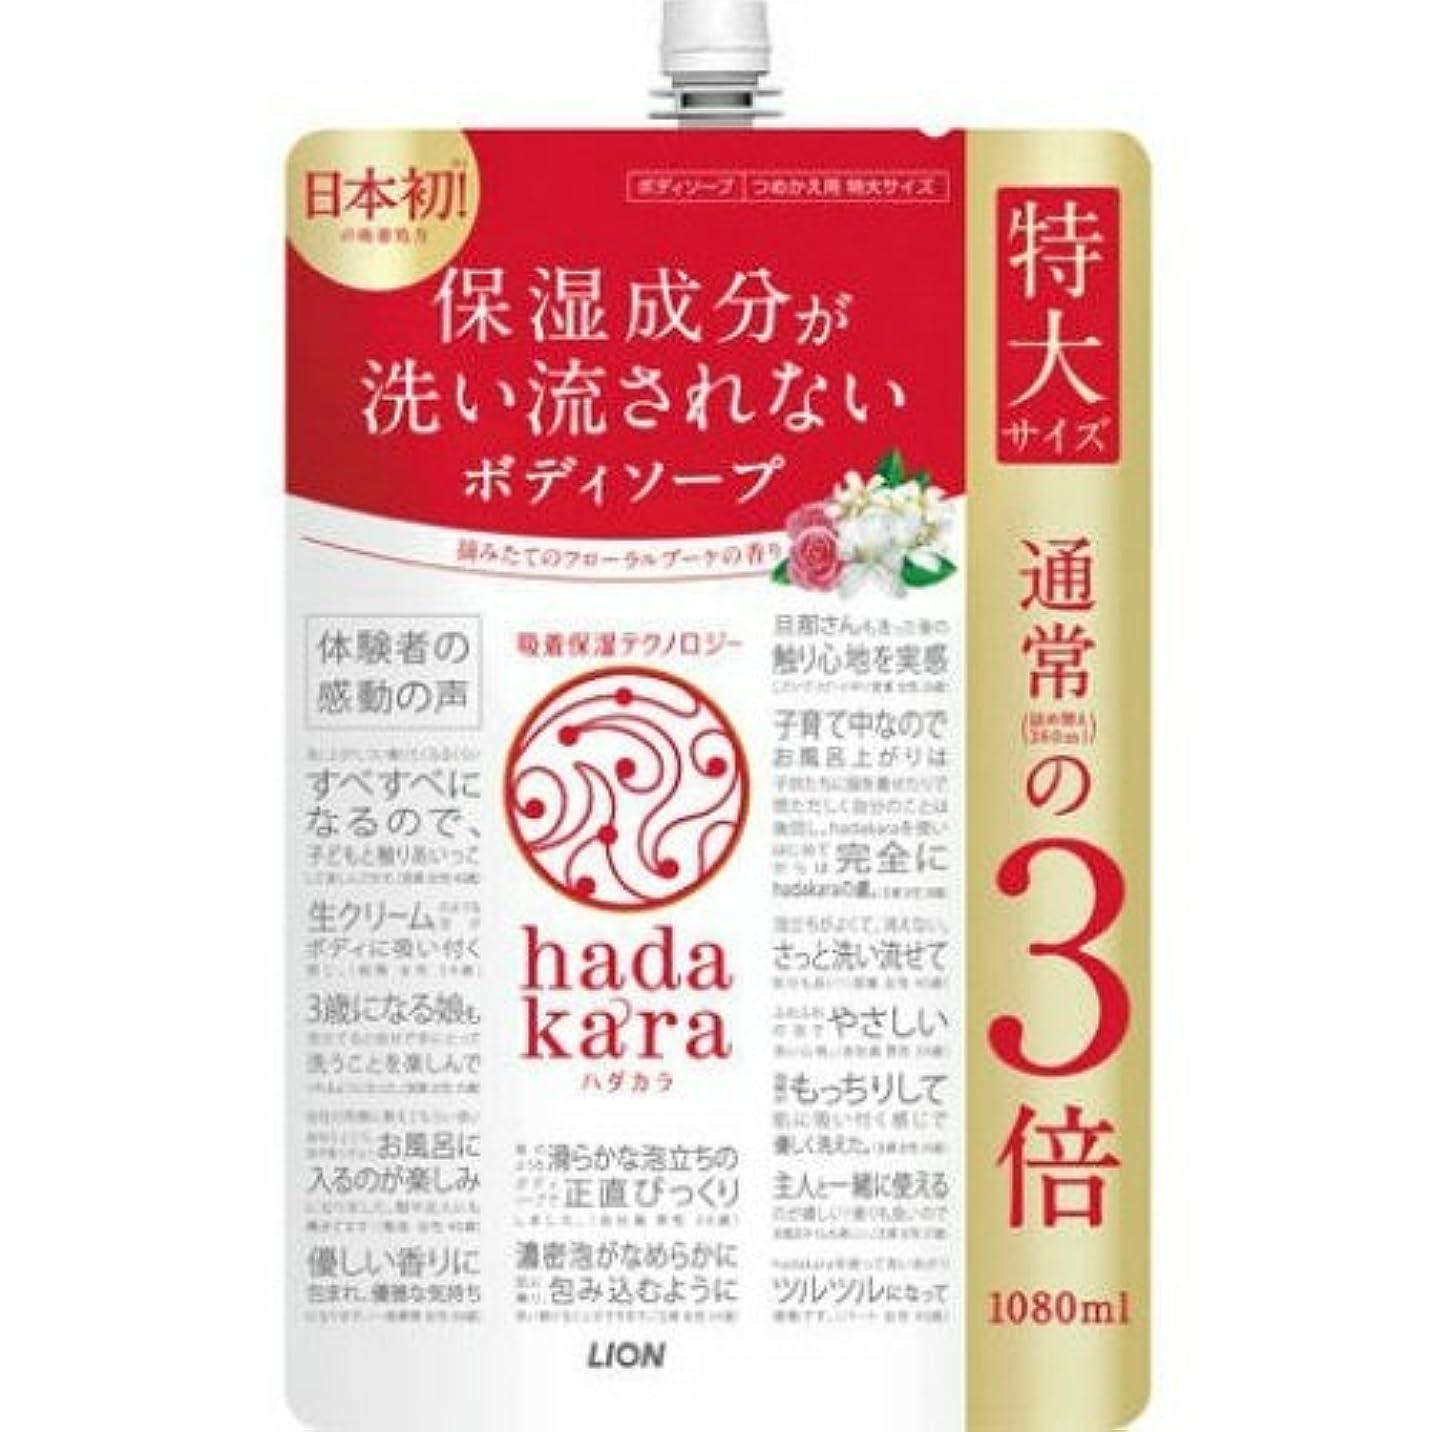 路面電車振動させる禁輸LION ライオン hadakara ハダカラ ボディソープ フローラルブーケの香り つめかえ用 特大サイズ 1080ml ×3点セット(4903301260875)